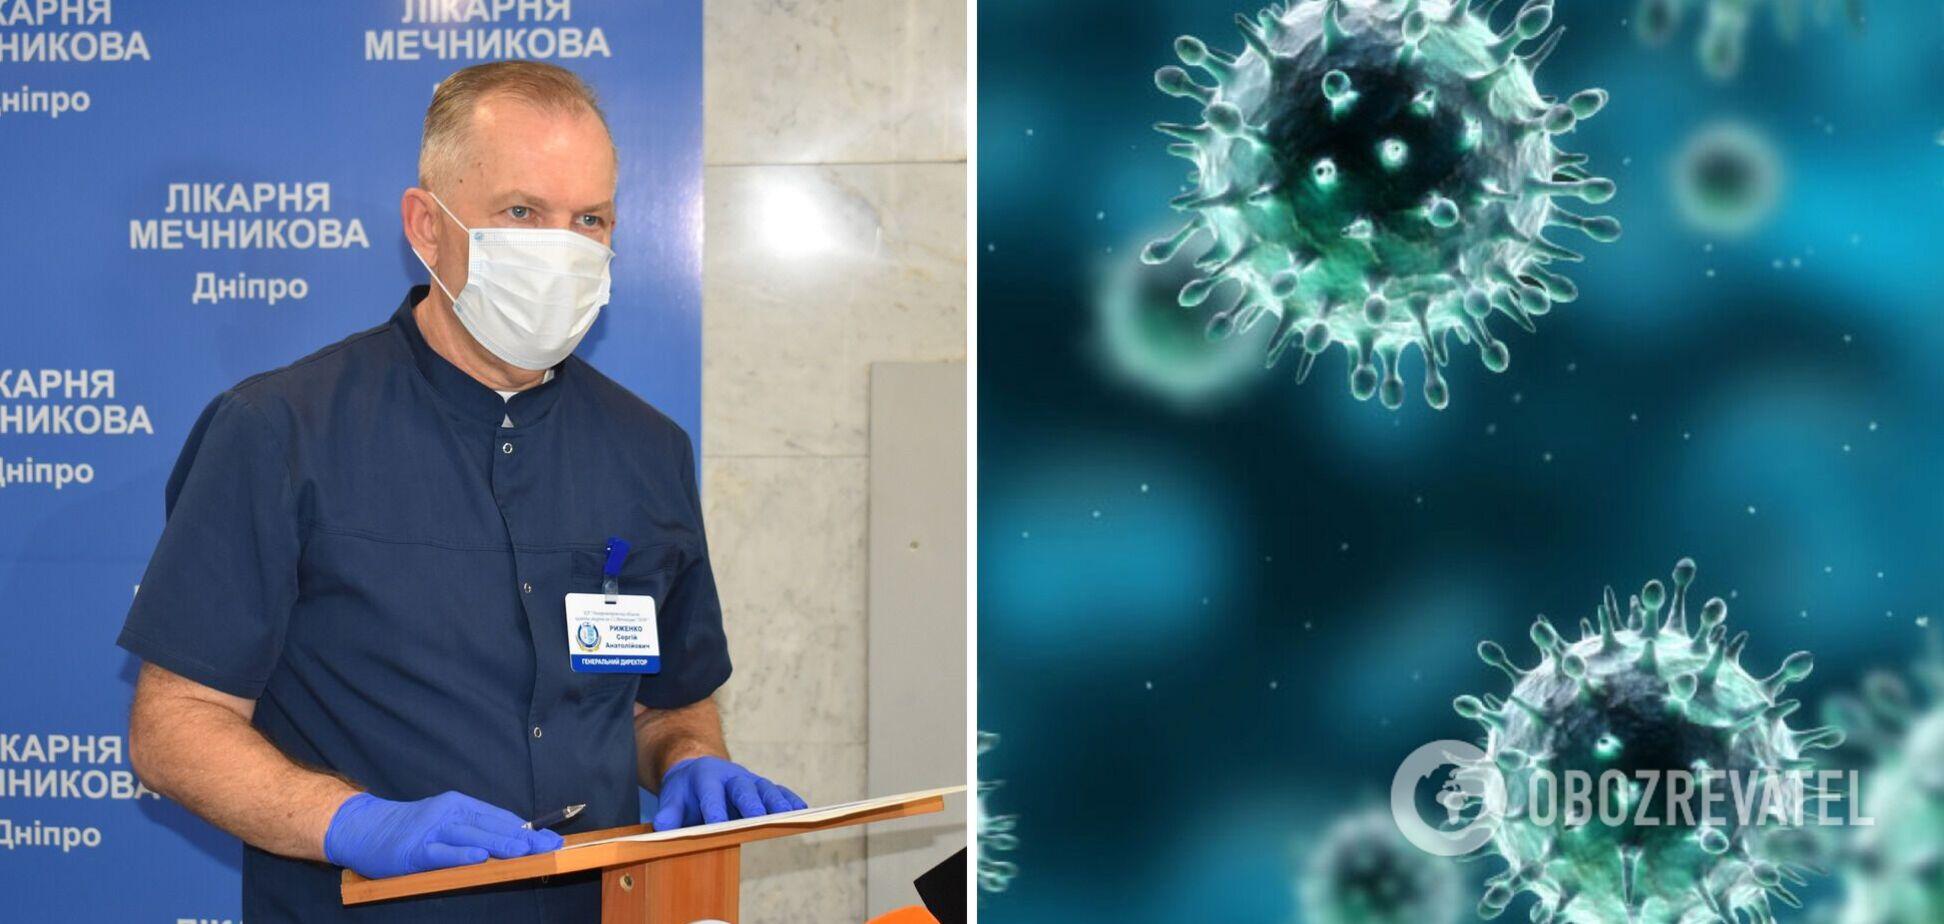 Главврач больницы в Днепре назвал необычные симптомы COVID-19: вселенская усталость, подгорают мозги